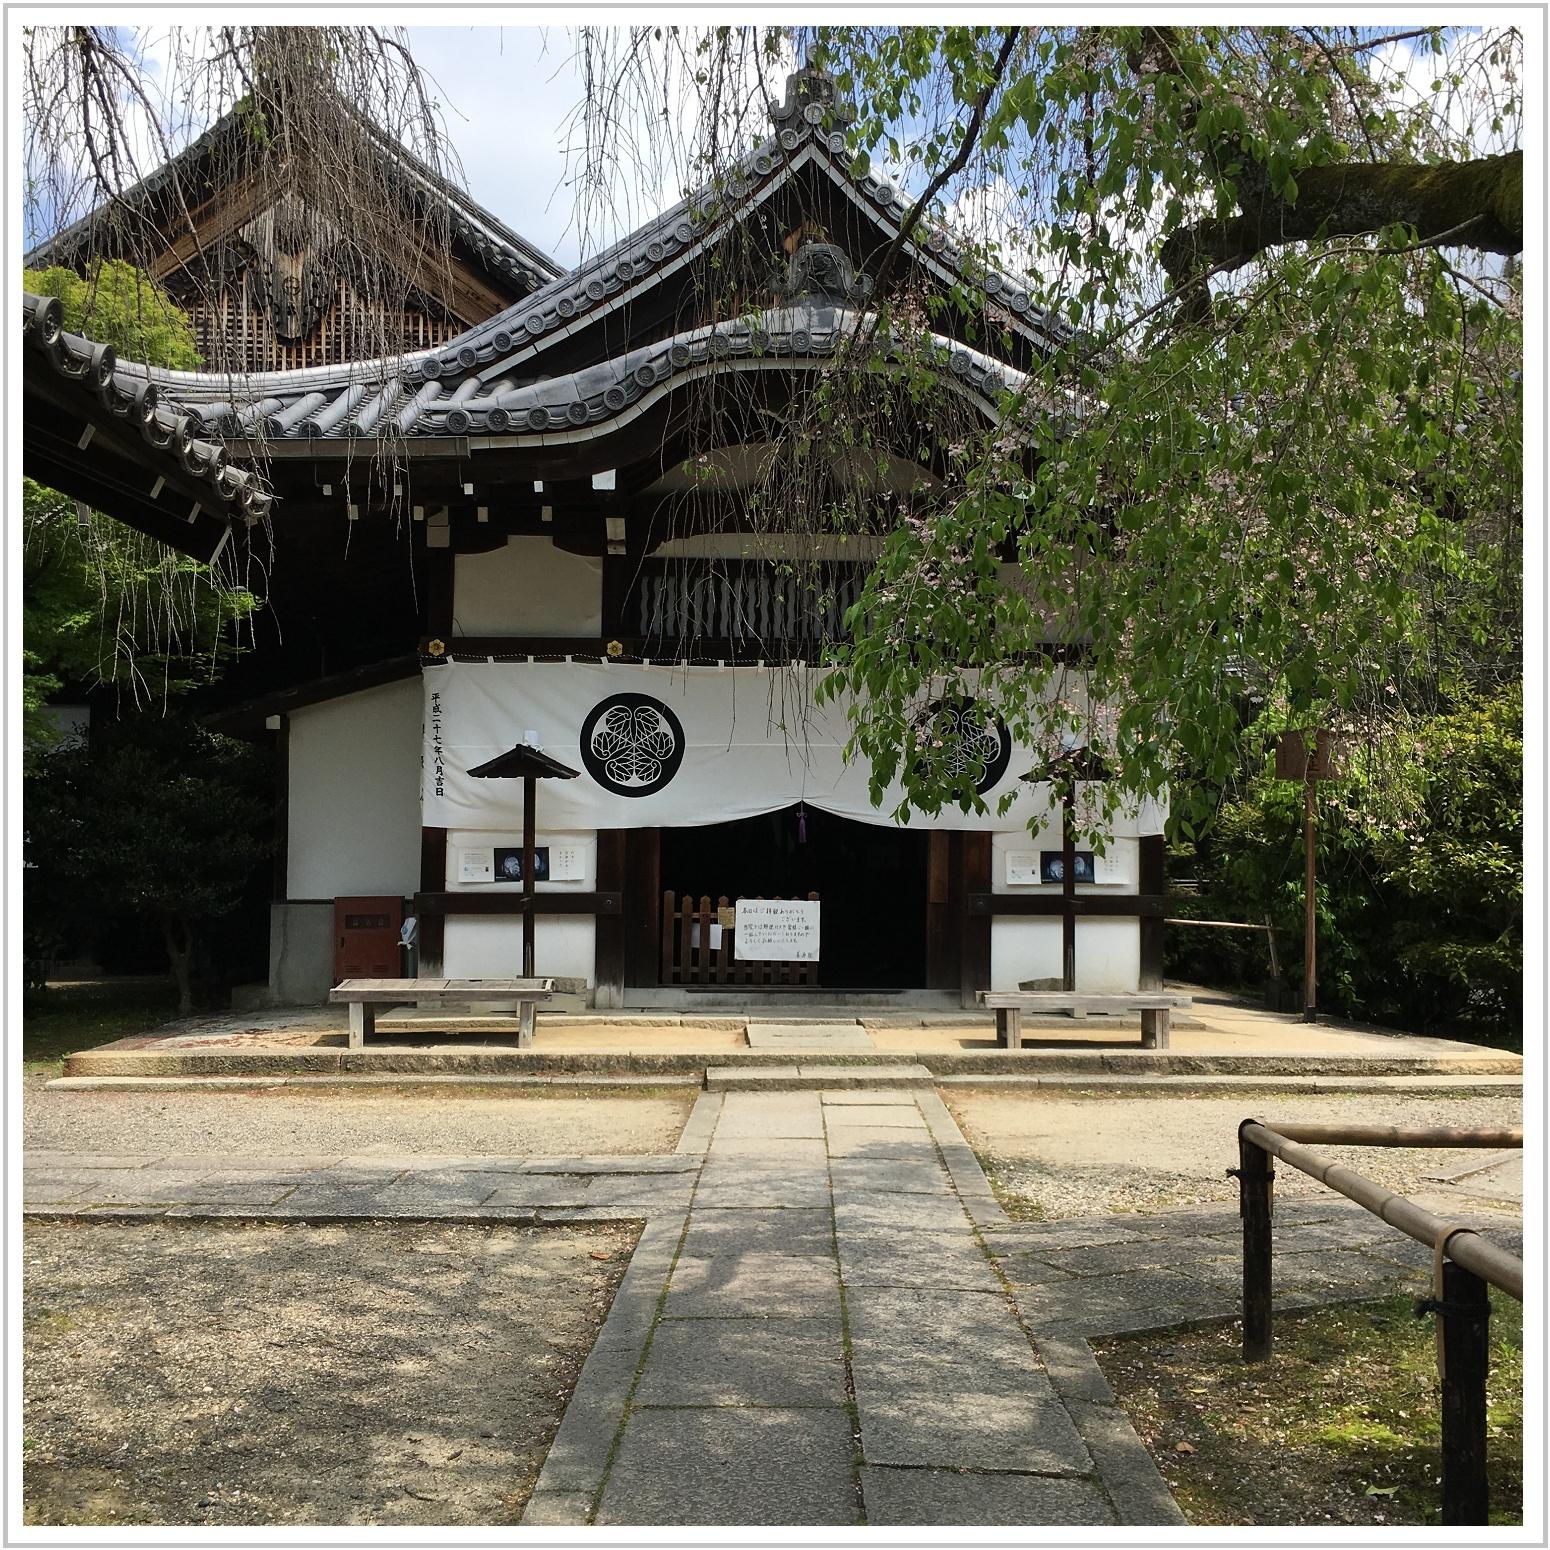 yogenji_1_419.jpg